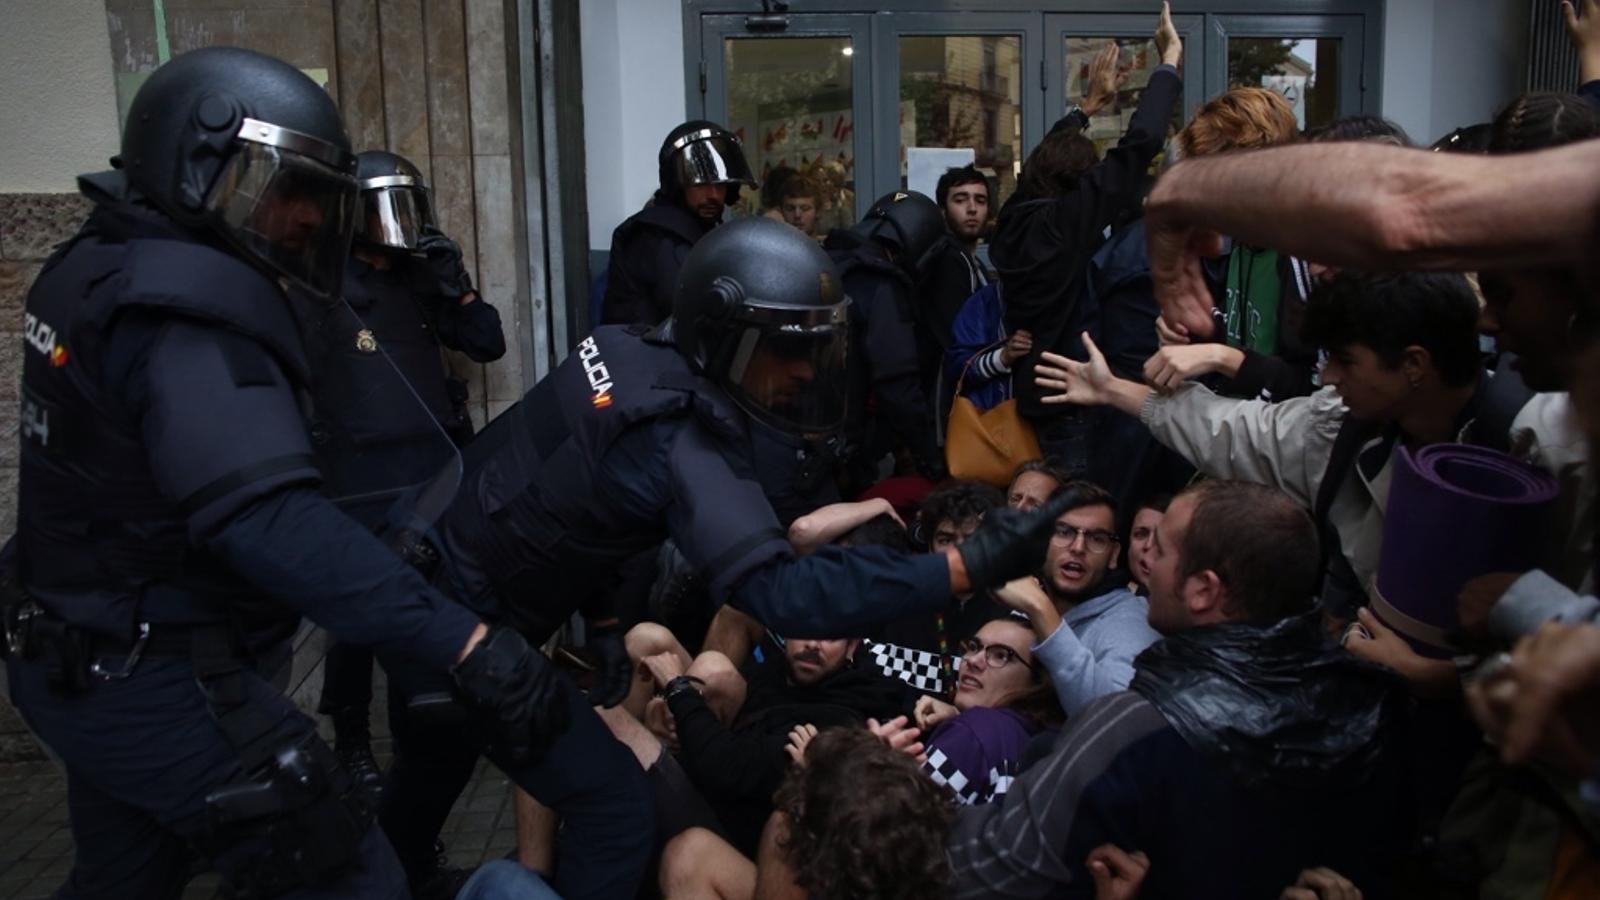 L'Ajuntament de Barcelona atén 80 sol·licituds per càrregues policials durant l'1-O